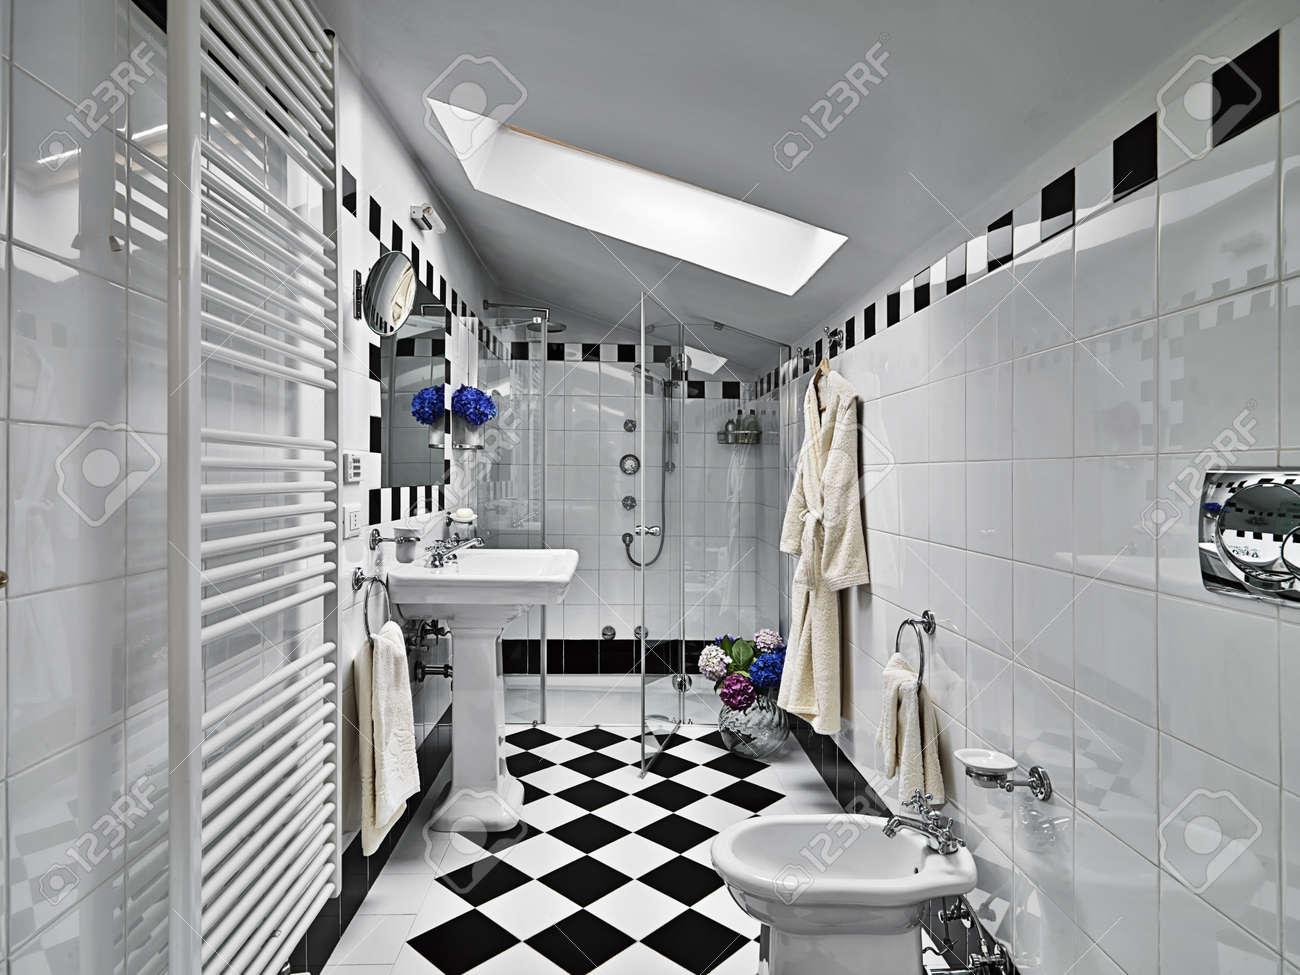 Modernes Badezimmer Schwarz Und Weiß Auf Dachboden Standard Bild   15303469